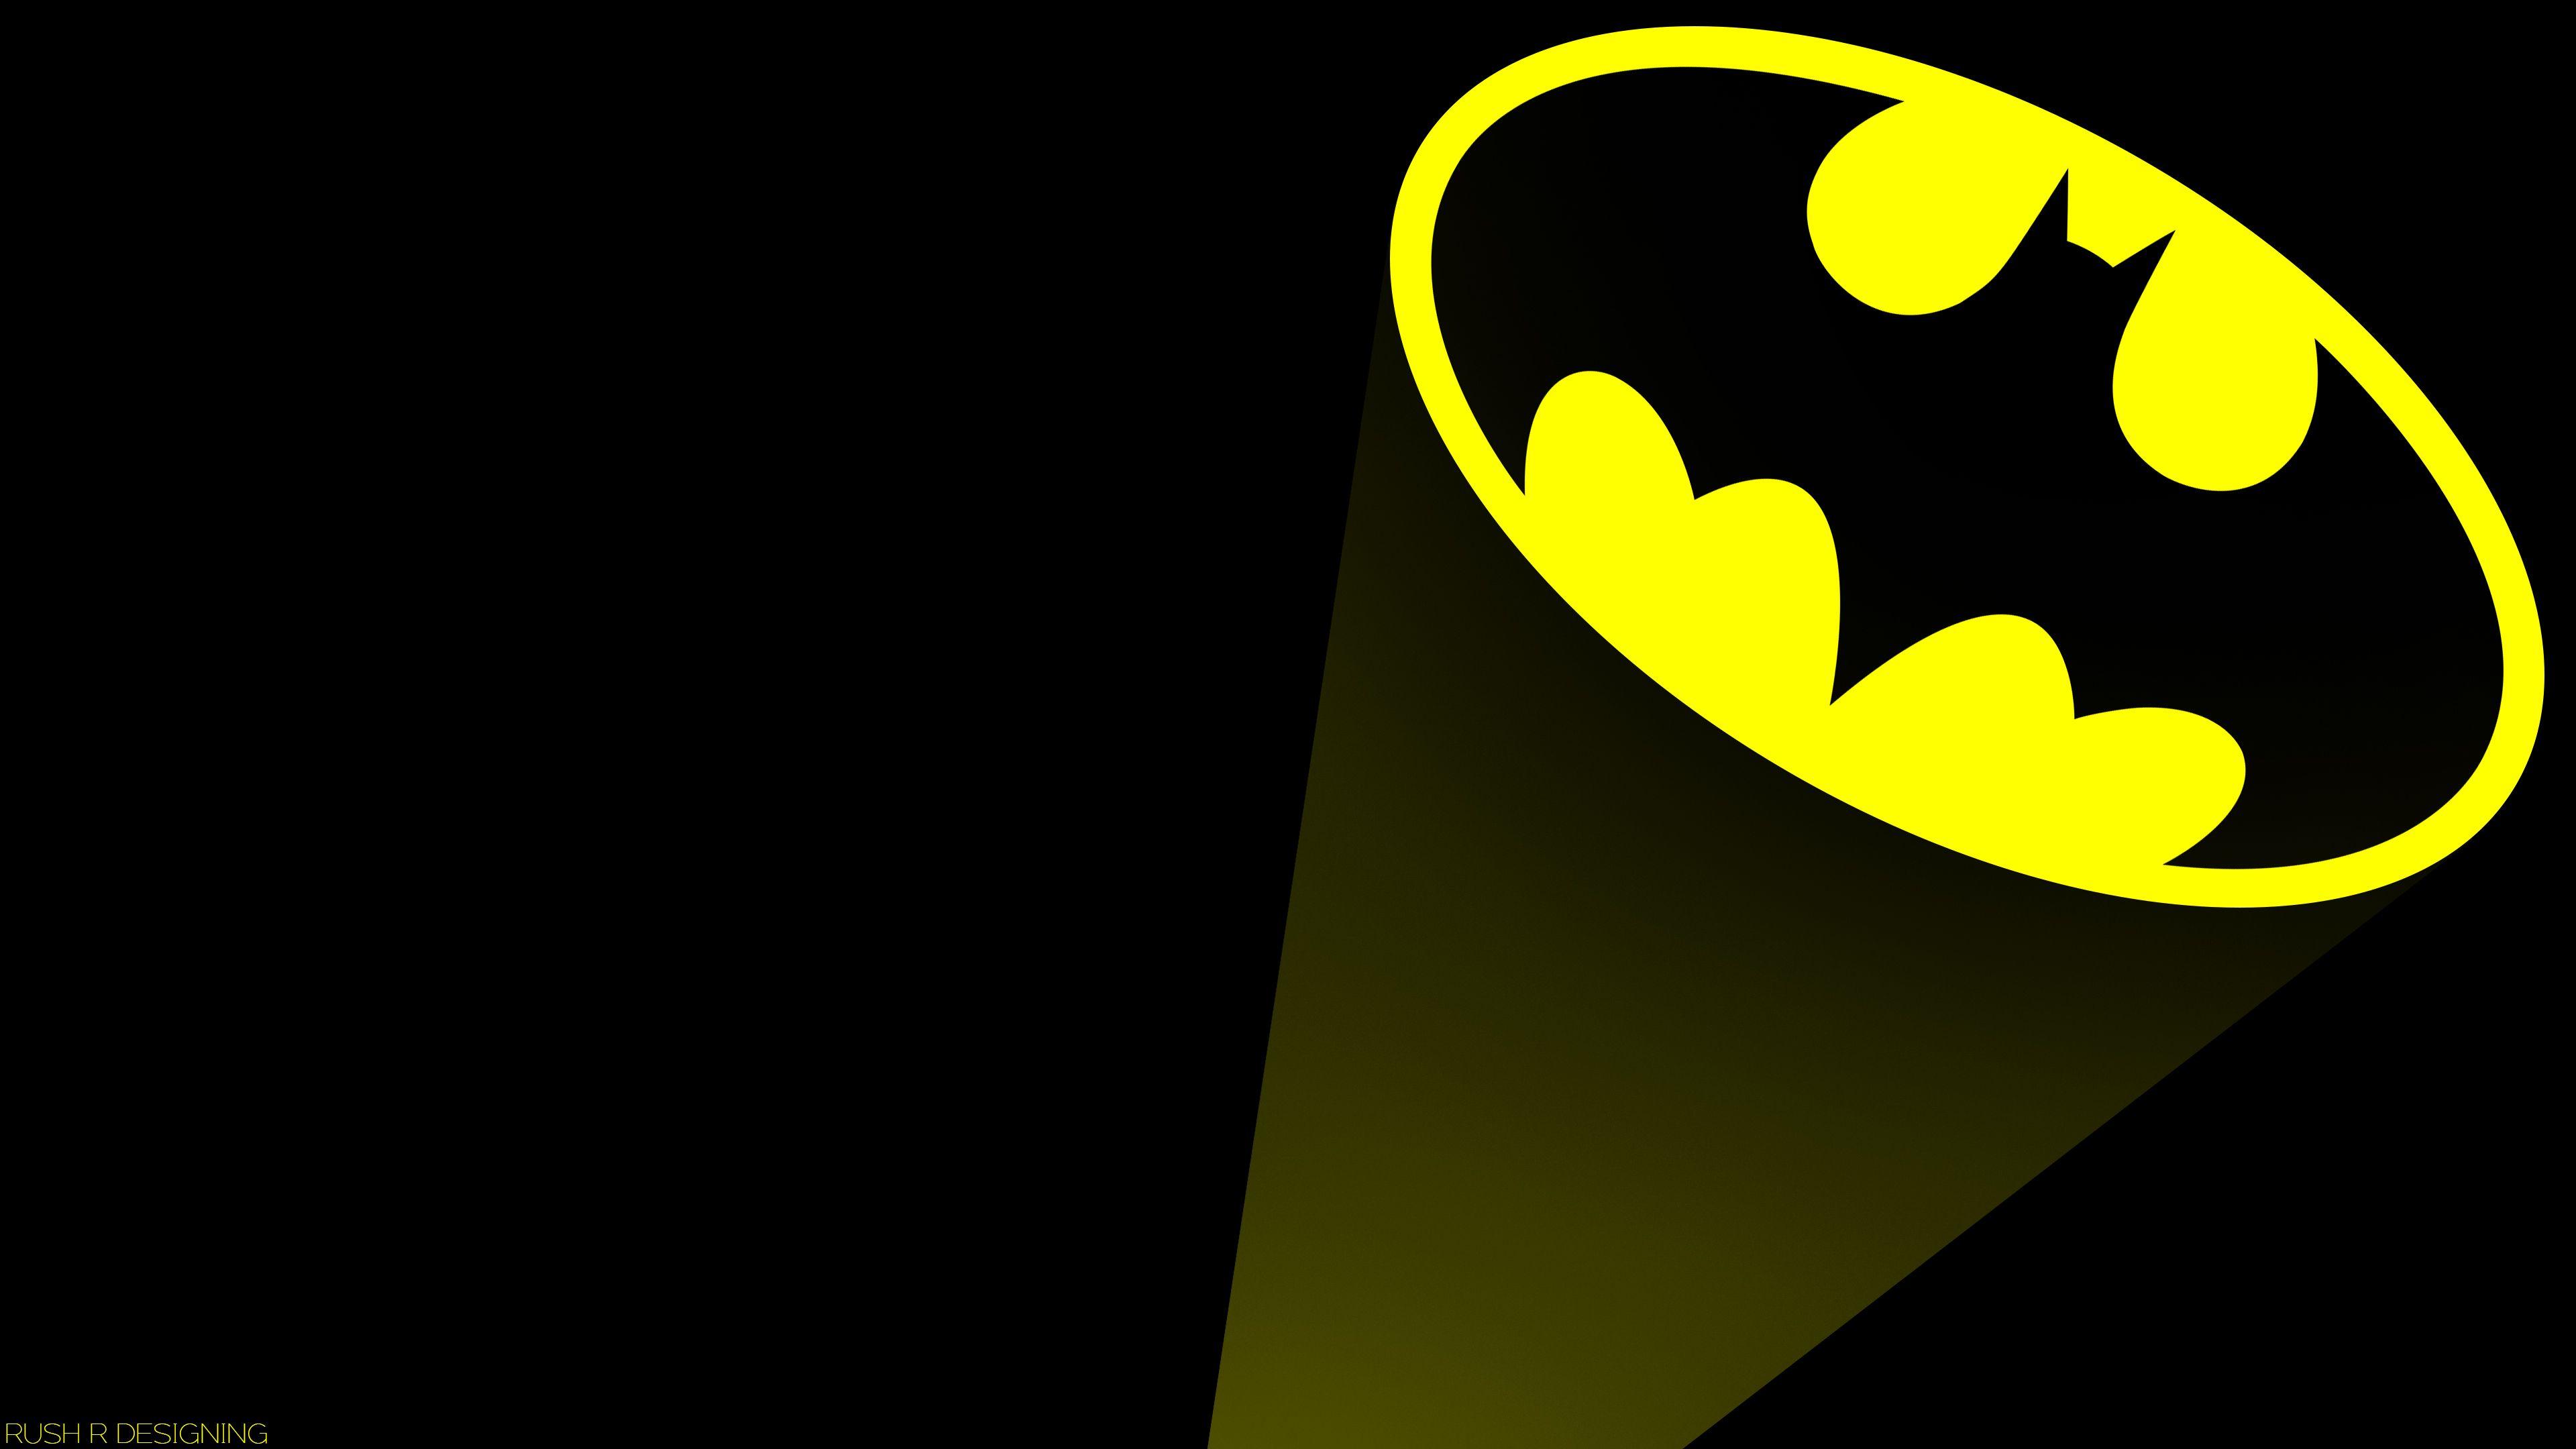 Bat Signal Vintage Batman Wallpaper Batman Comic Wallpaper Superman Wallpaper Logo